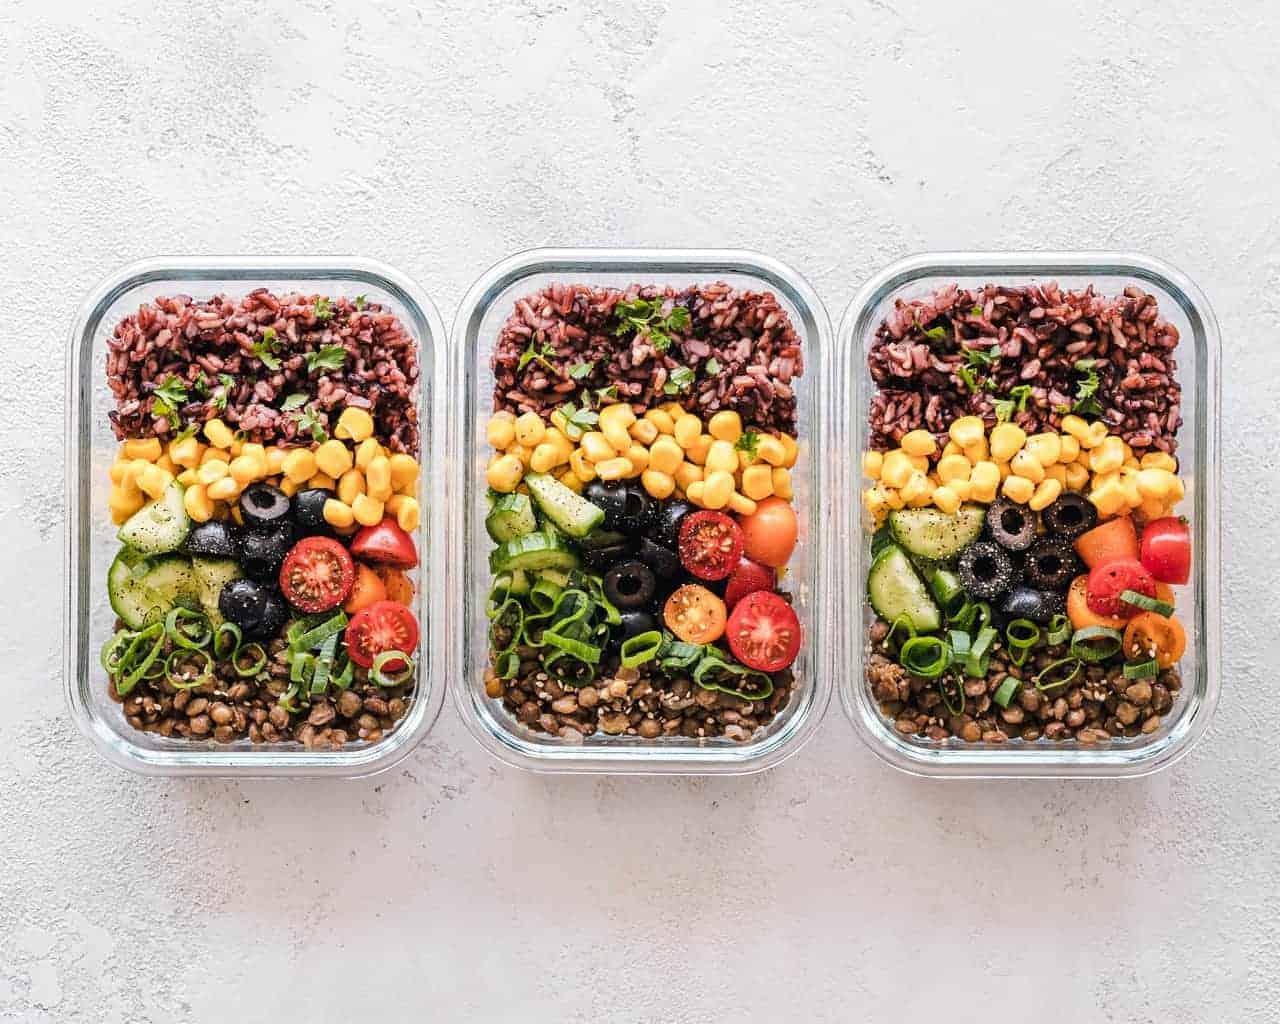 Plastic Meal Prep Tubs vs Glass Meal Prep Tubs